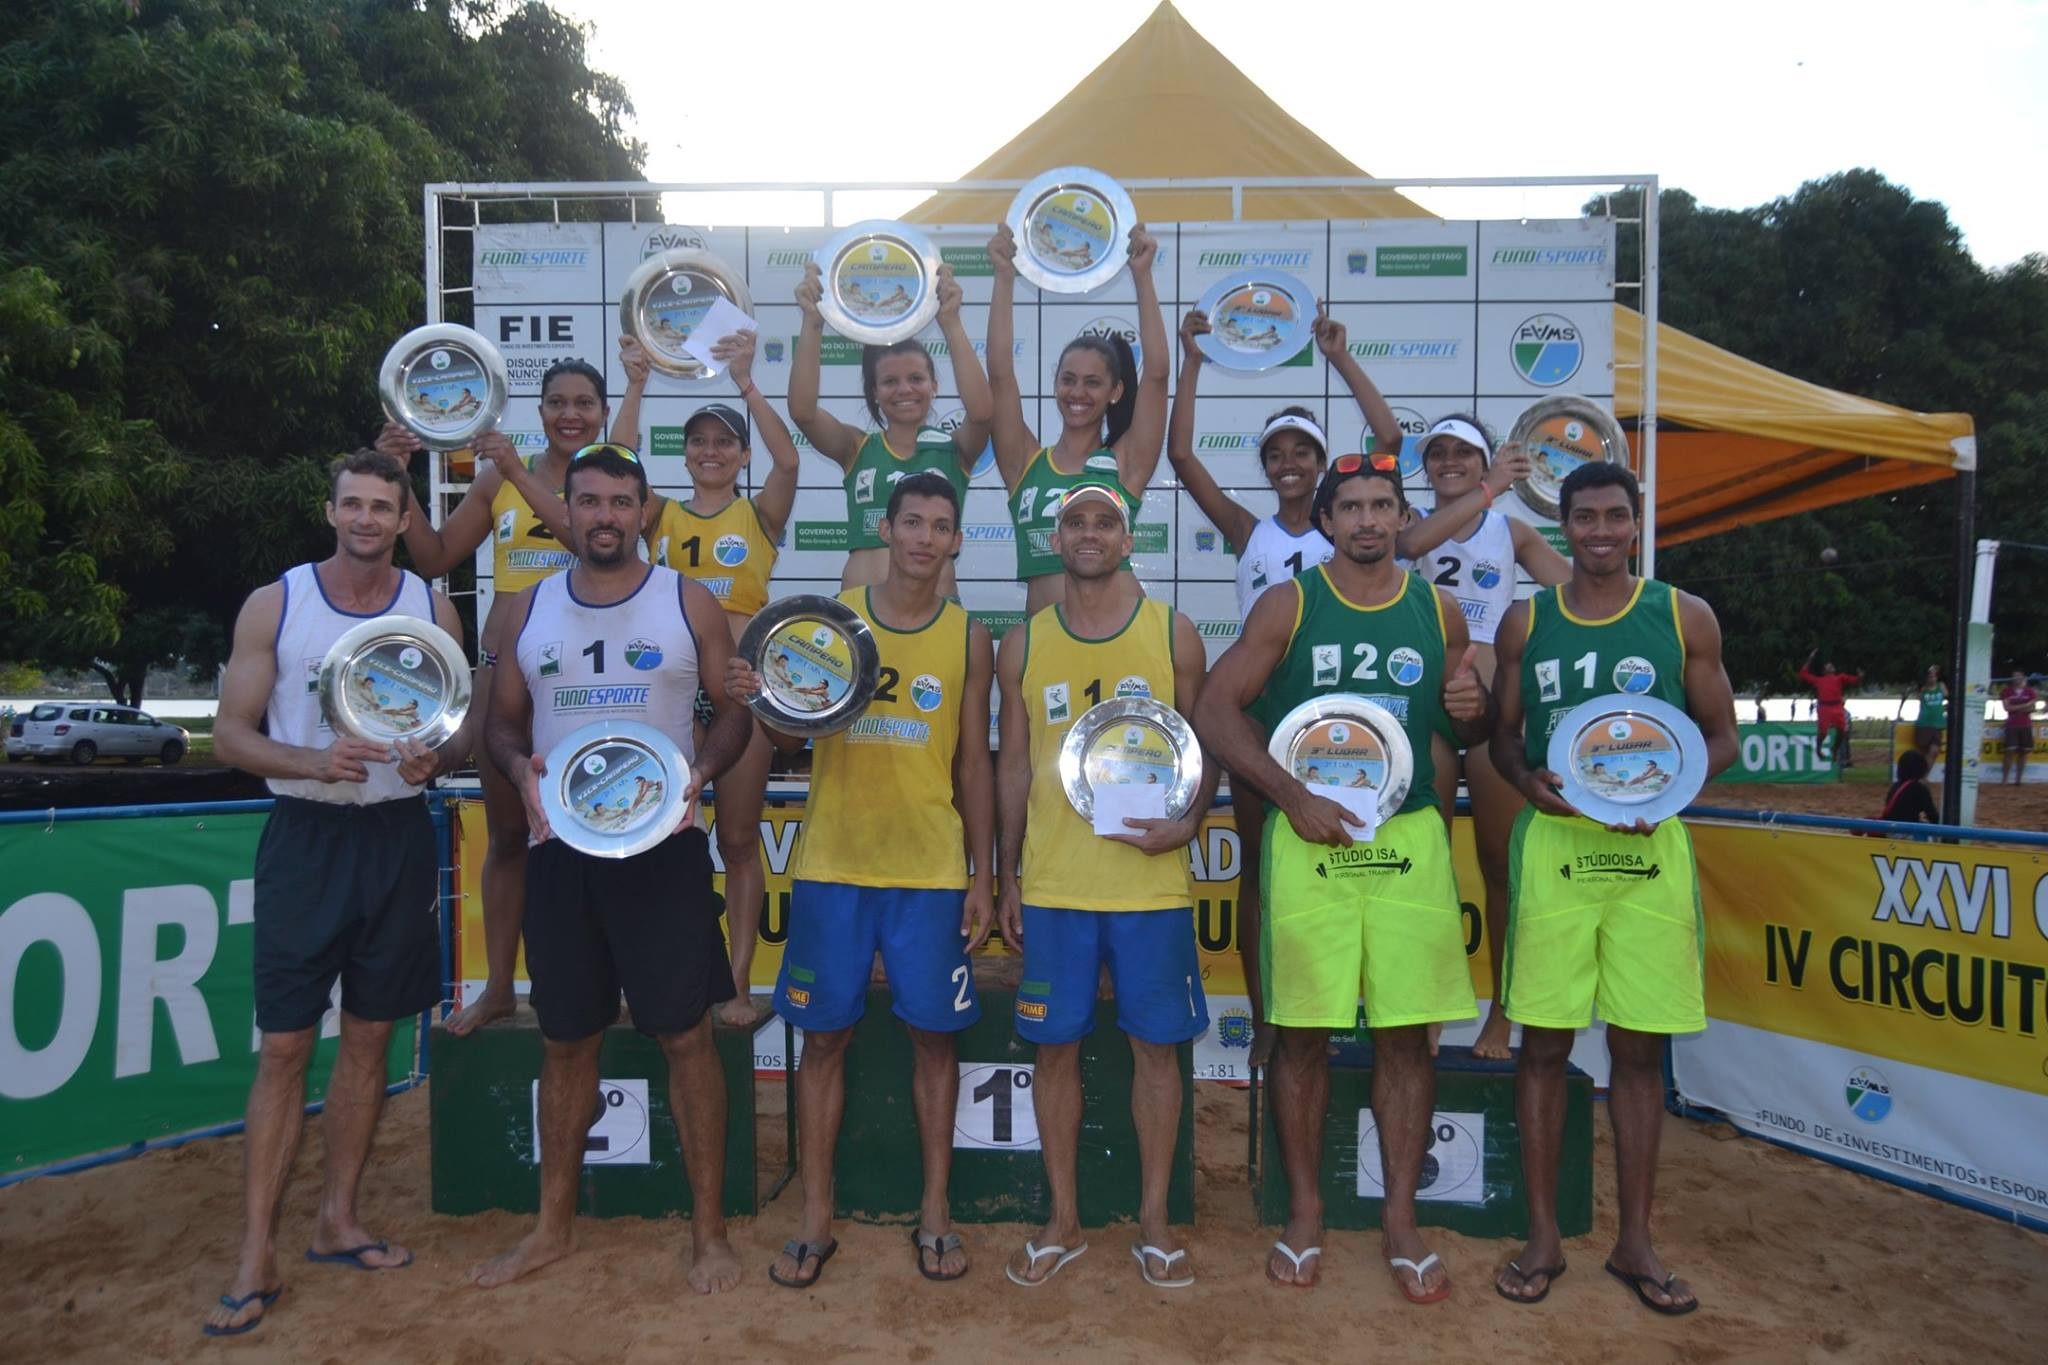 1ª Etapa 2016/2017  - Três Lagoas - MS